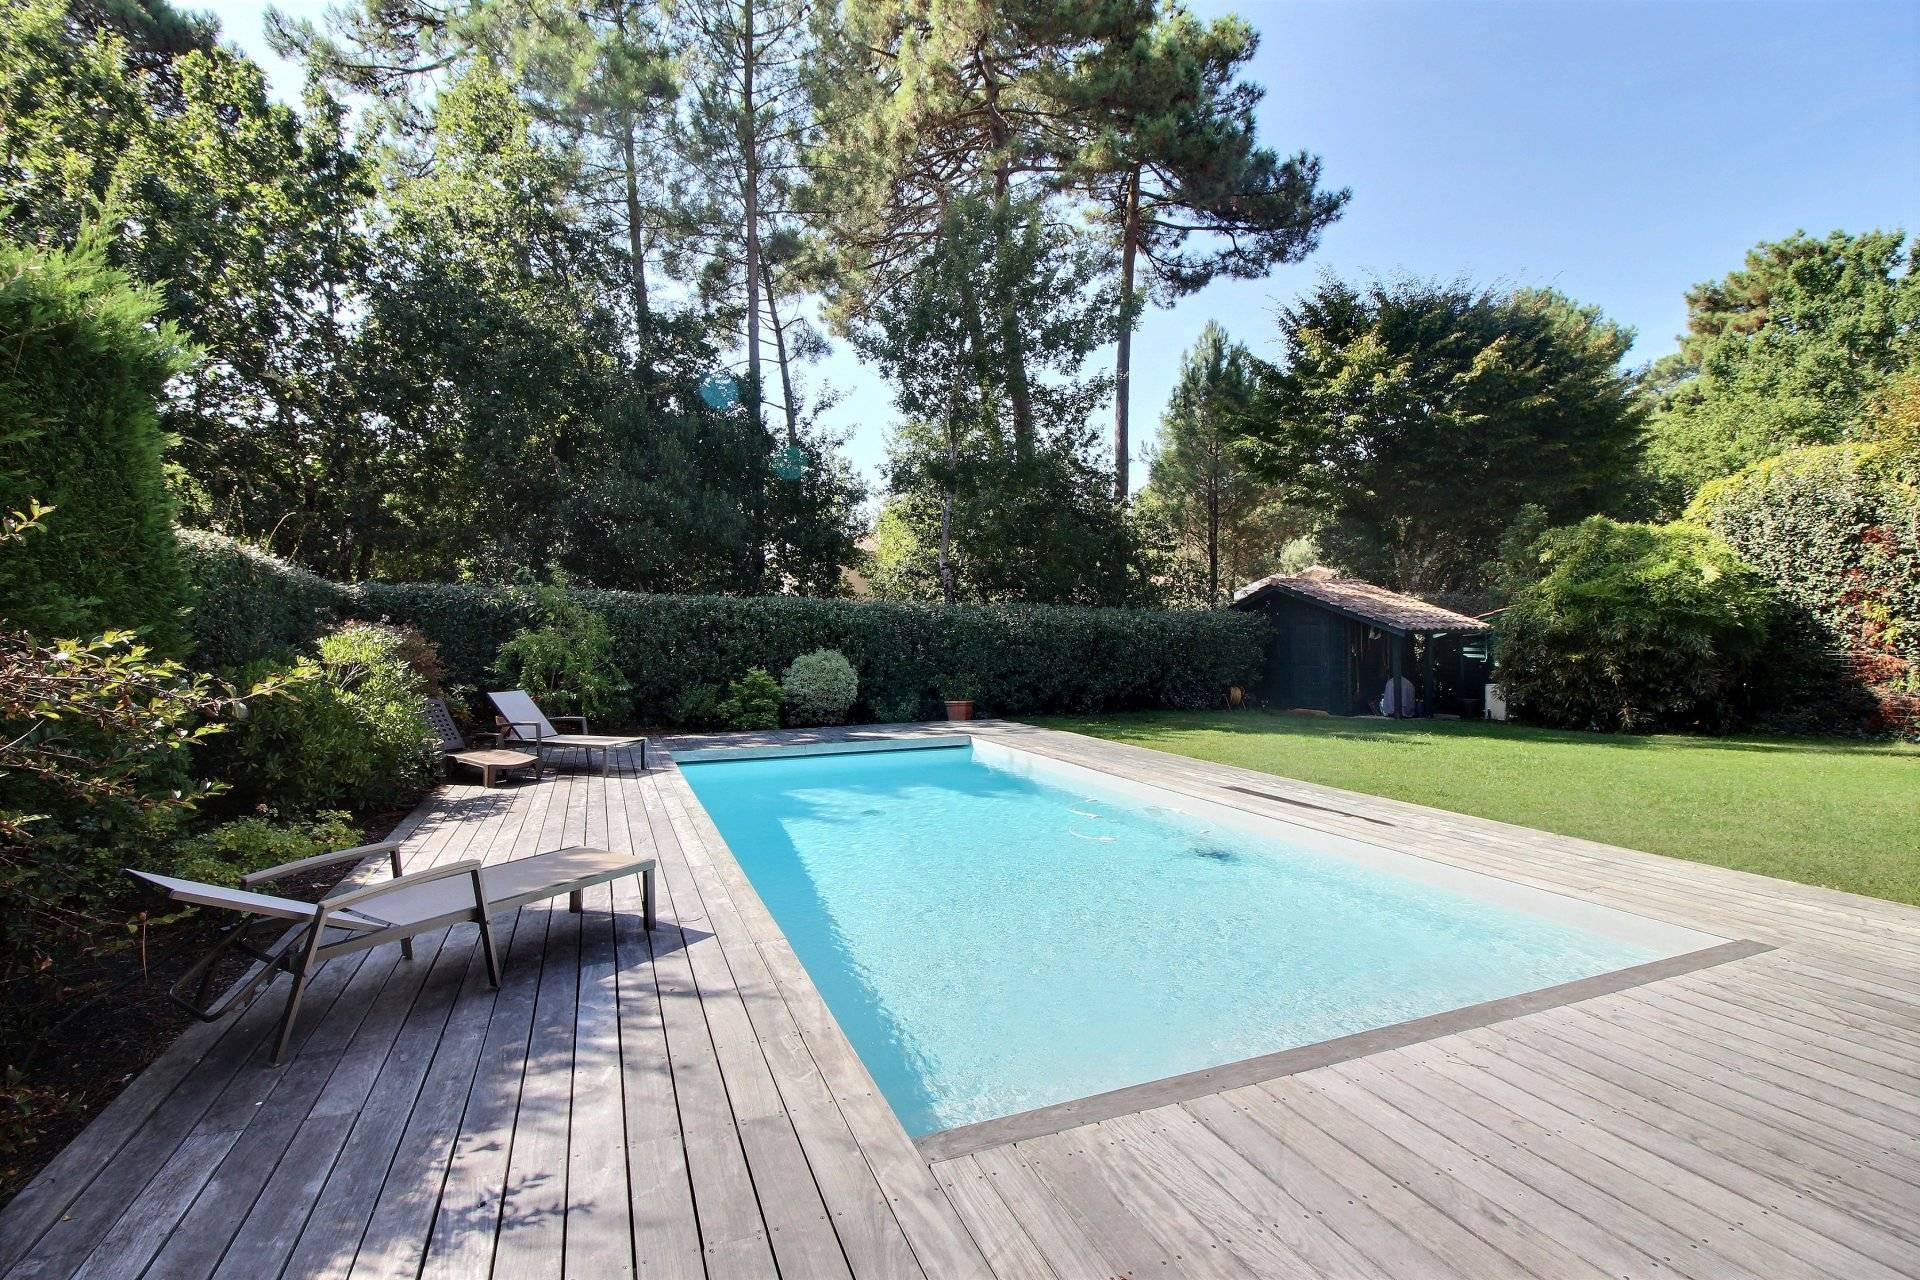 Achat maison contemporaine de plain pied 4 chambres avec piscine la teste de buch coldwell banker - Maison moderne plain pied 4 chambres ...